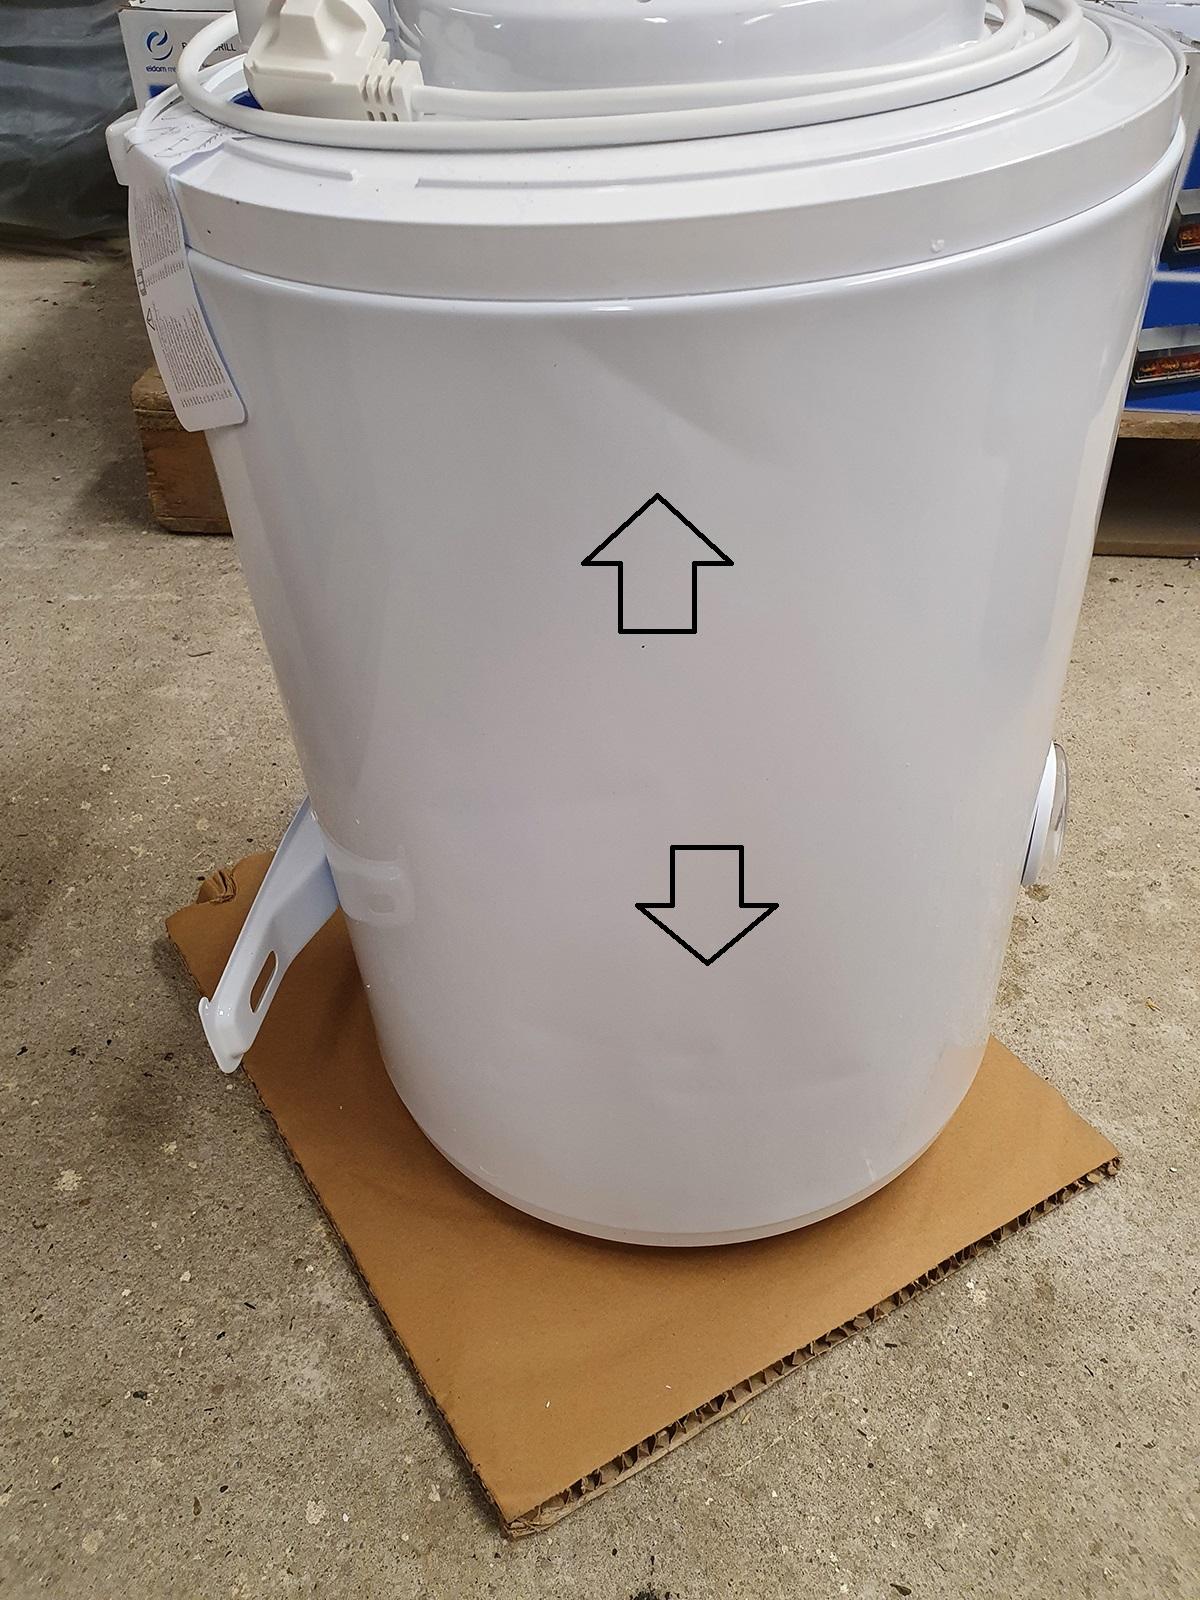 B-Ware Warmwasserspeicher Tesy Elprom 30 Liter druckfest